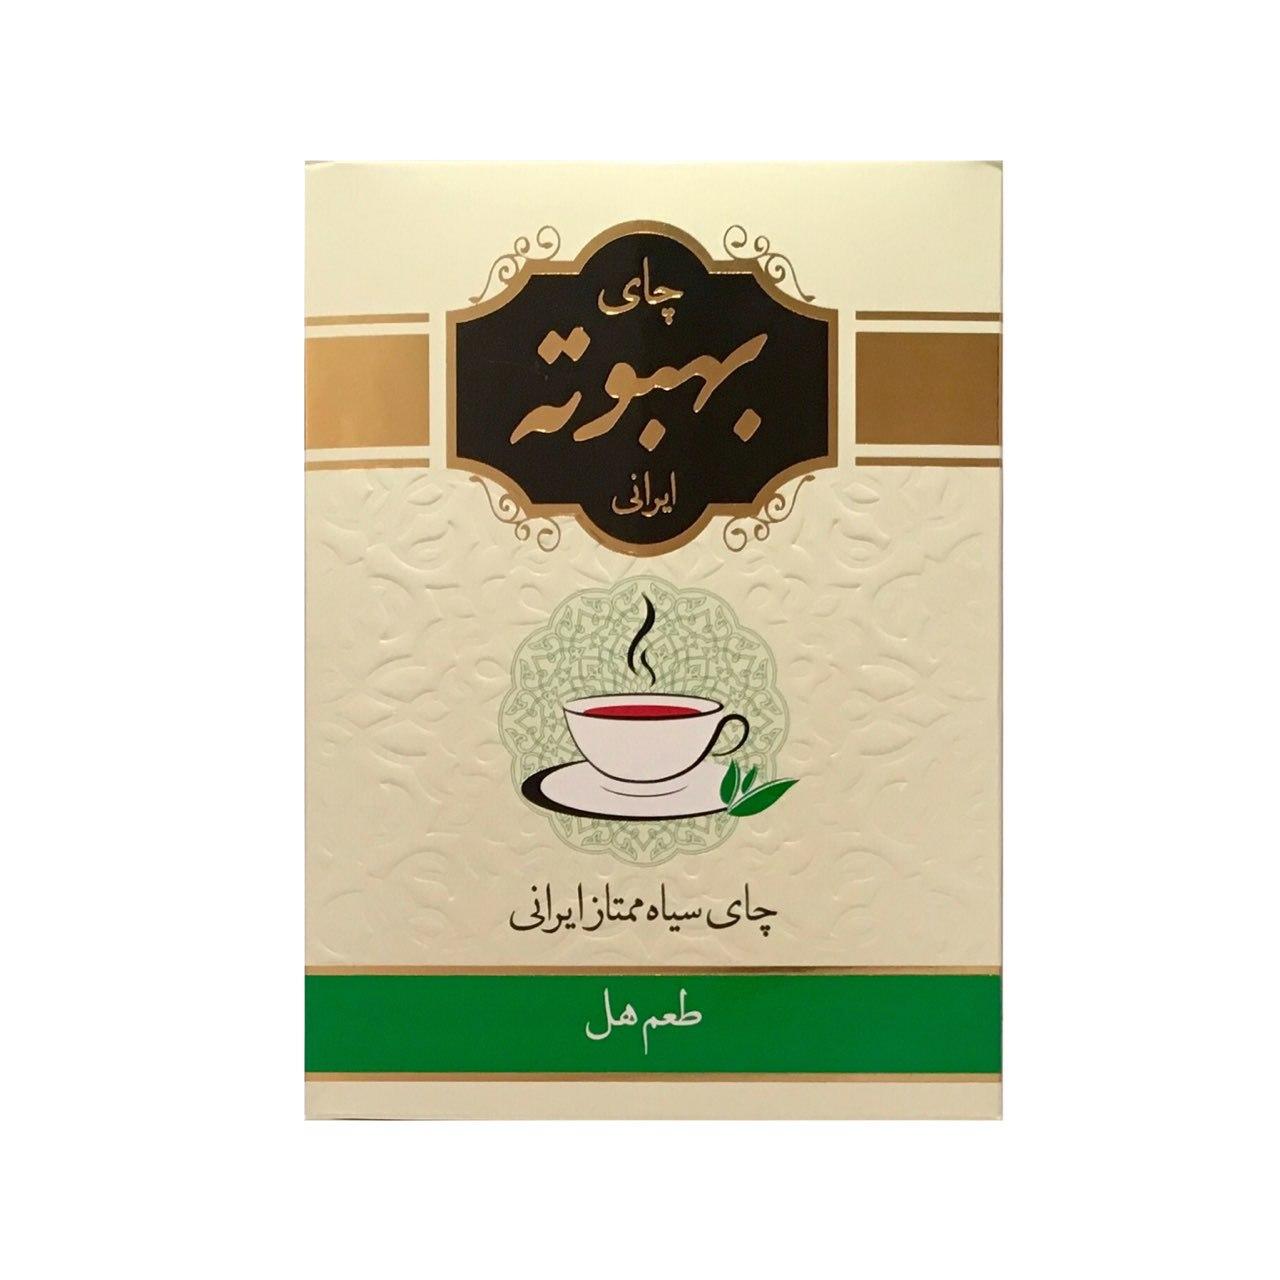 چای سیاه بهبوته با طعم هل مقدار ۴۰۰ گرم